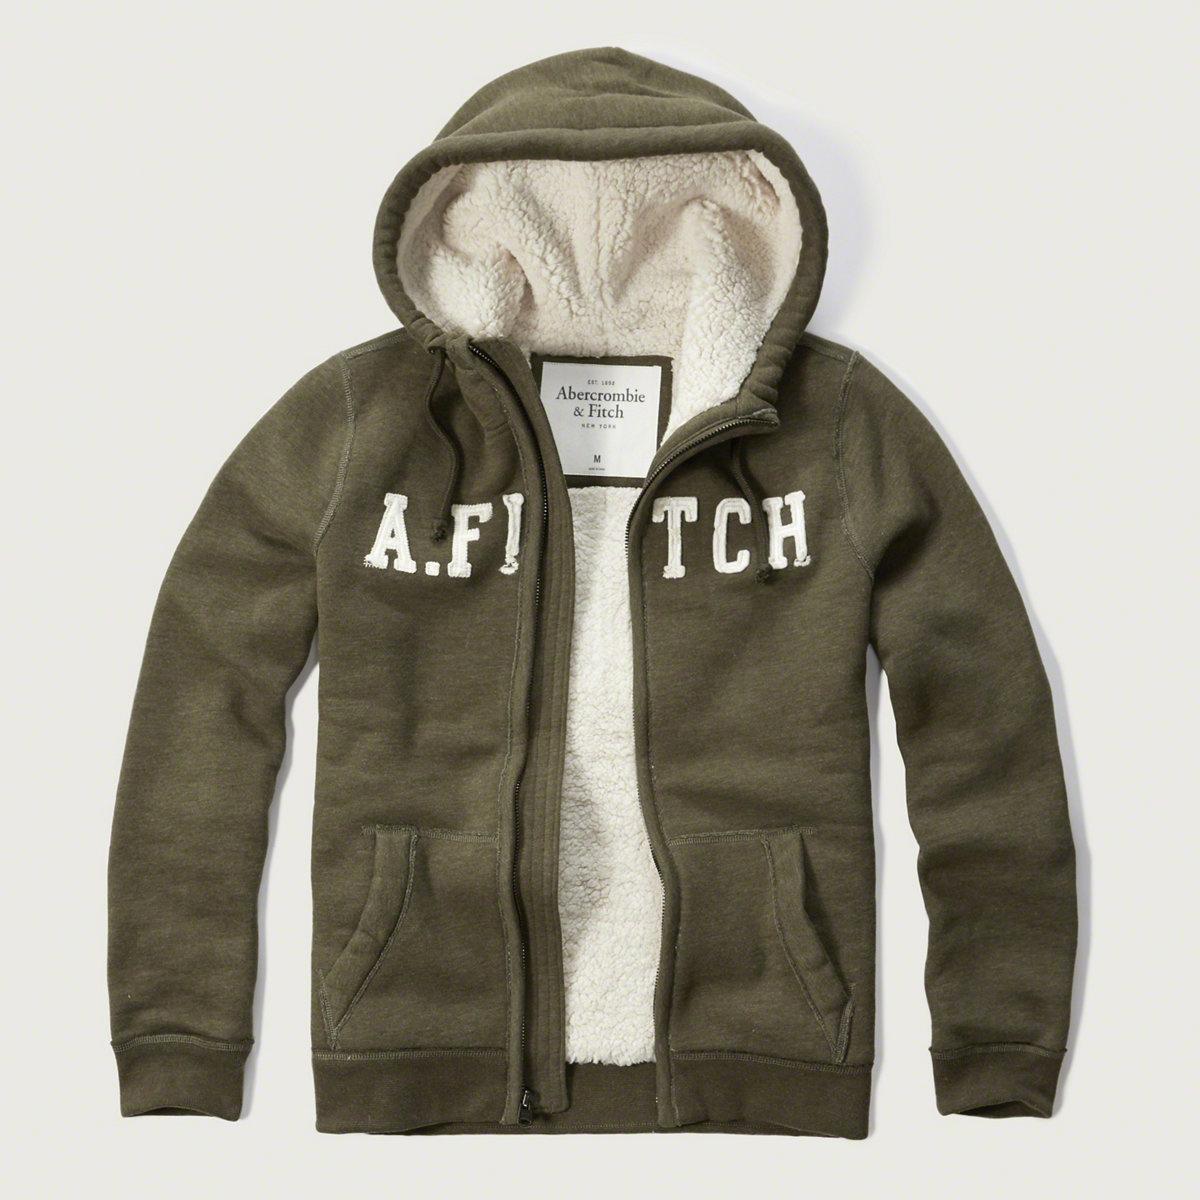 美國百分百【全新真品】Abercrombie & Fitch 外套 AF 連帽 夾克 麋鹿 刷厚毛 橄欖綠 XS、M、L、XL號 G209